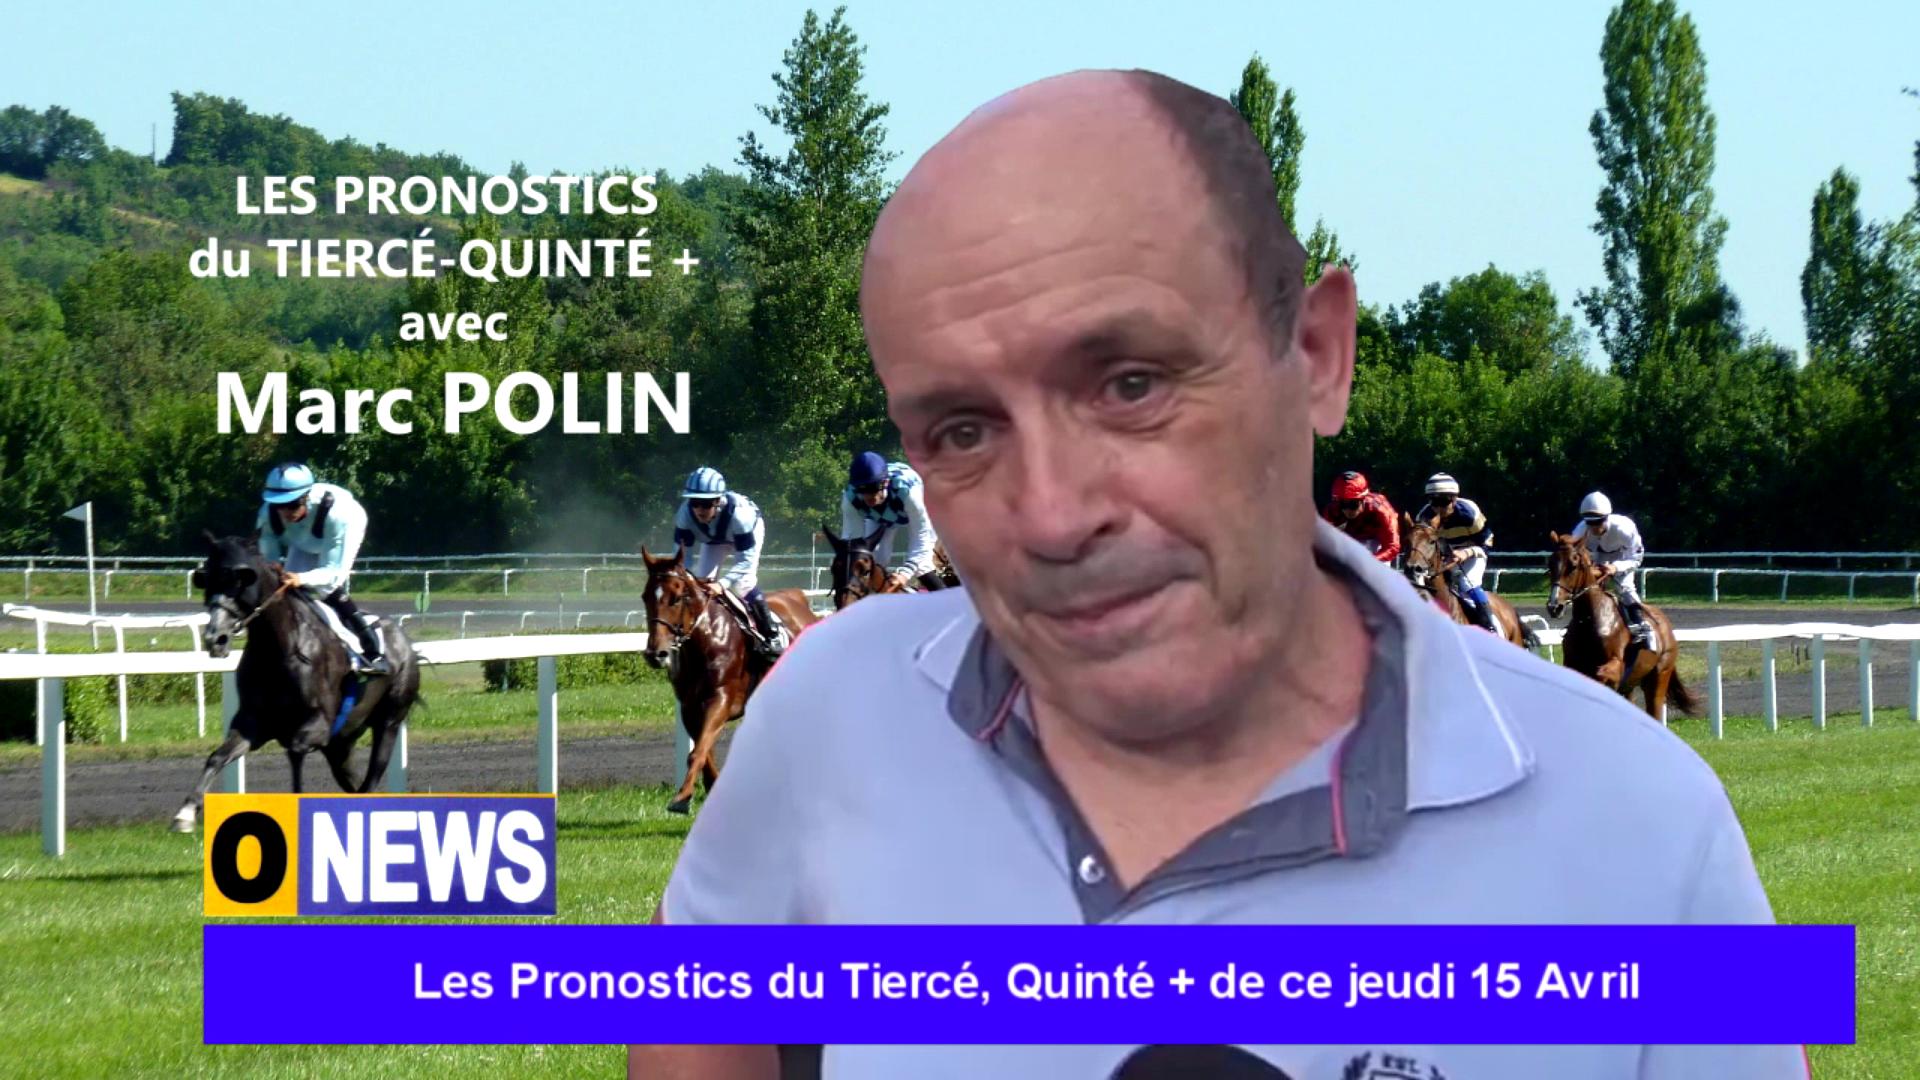 [Vidéo] Onews. Les pronostics du Tiercé -Quinté+ de ce jeudi 15 Avril (Marc POLIN)